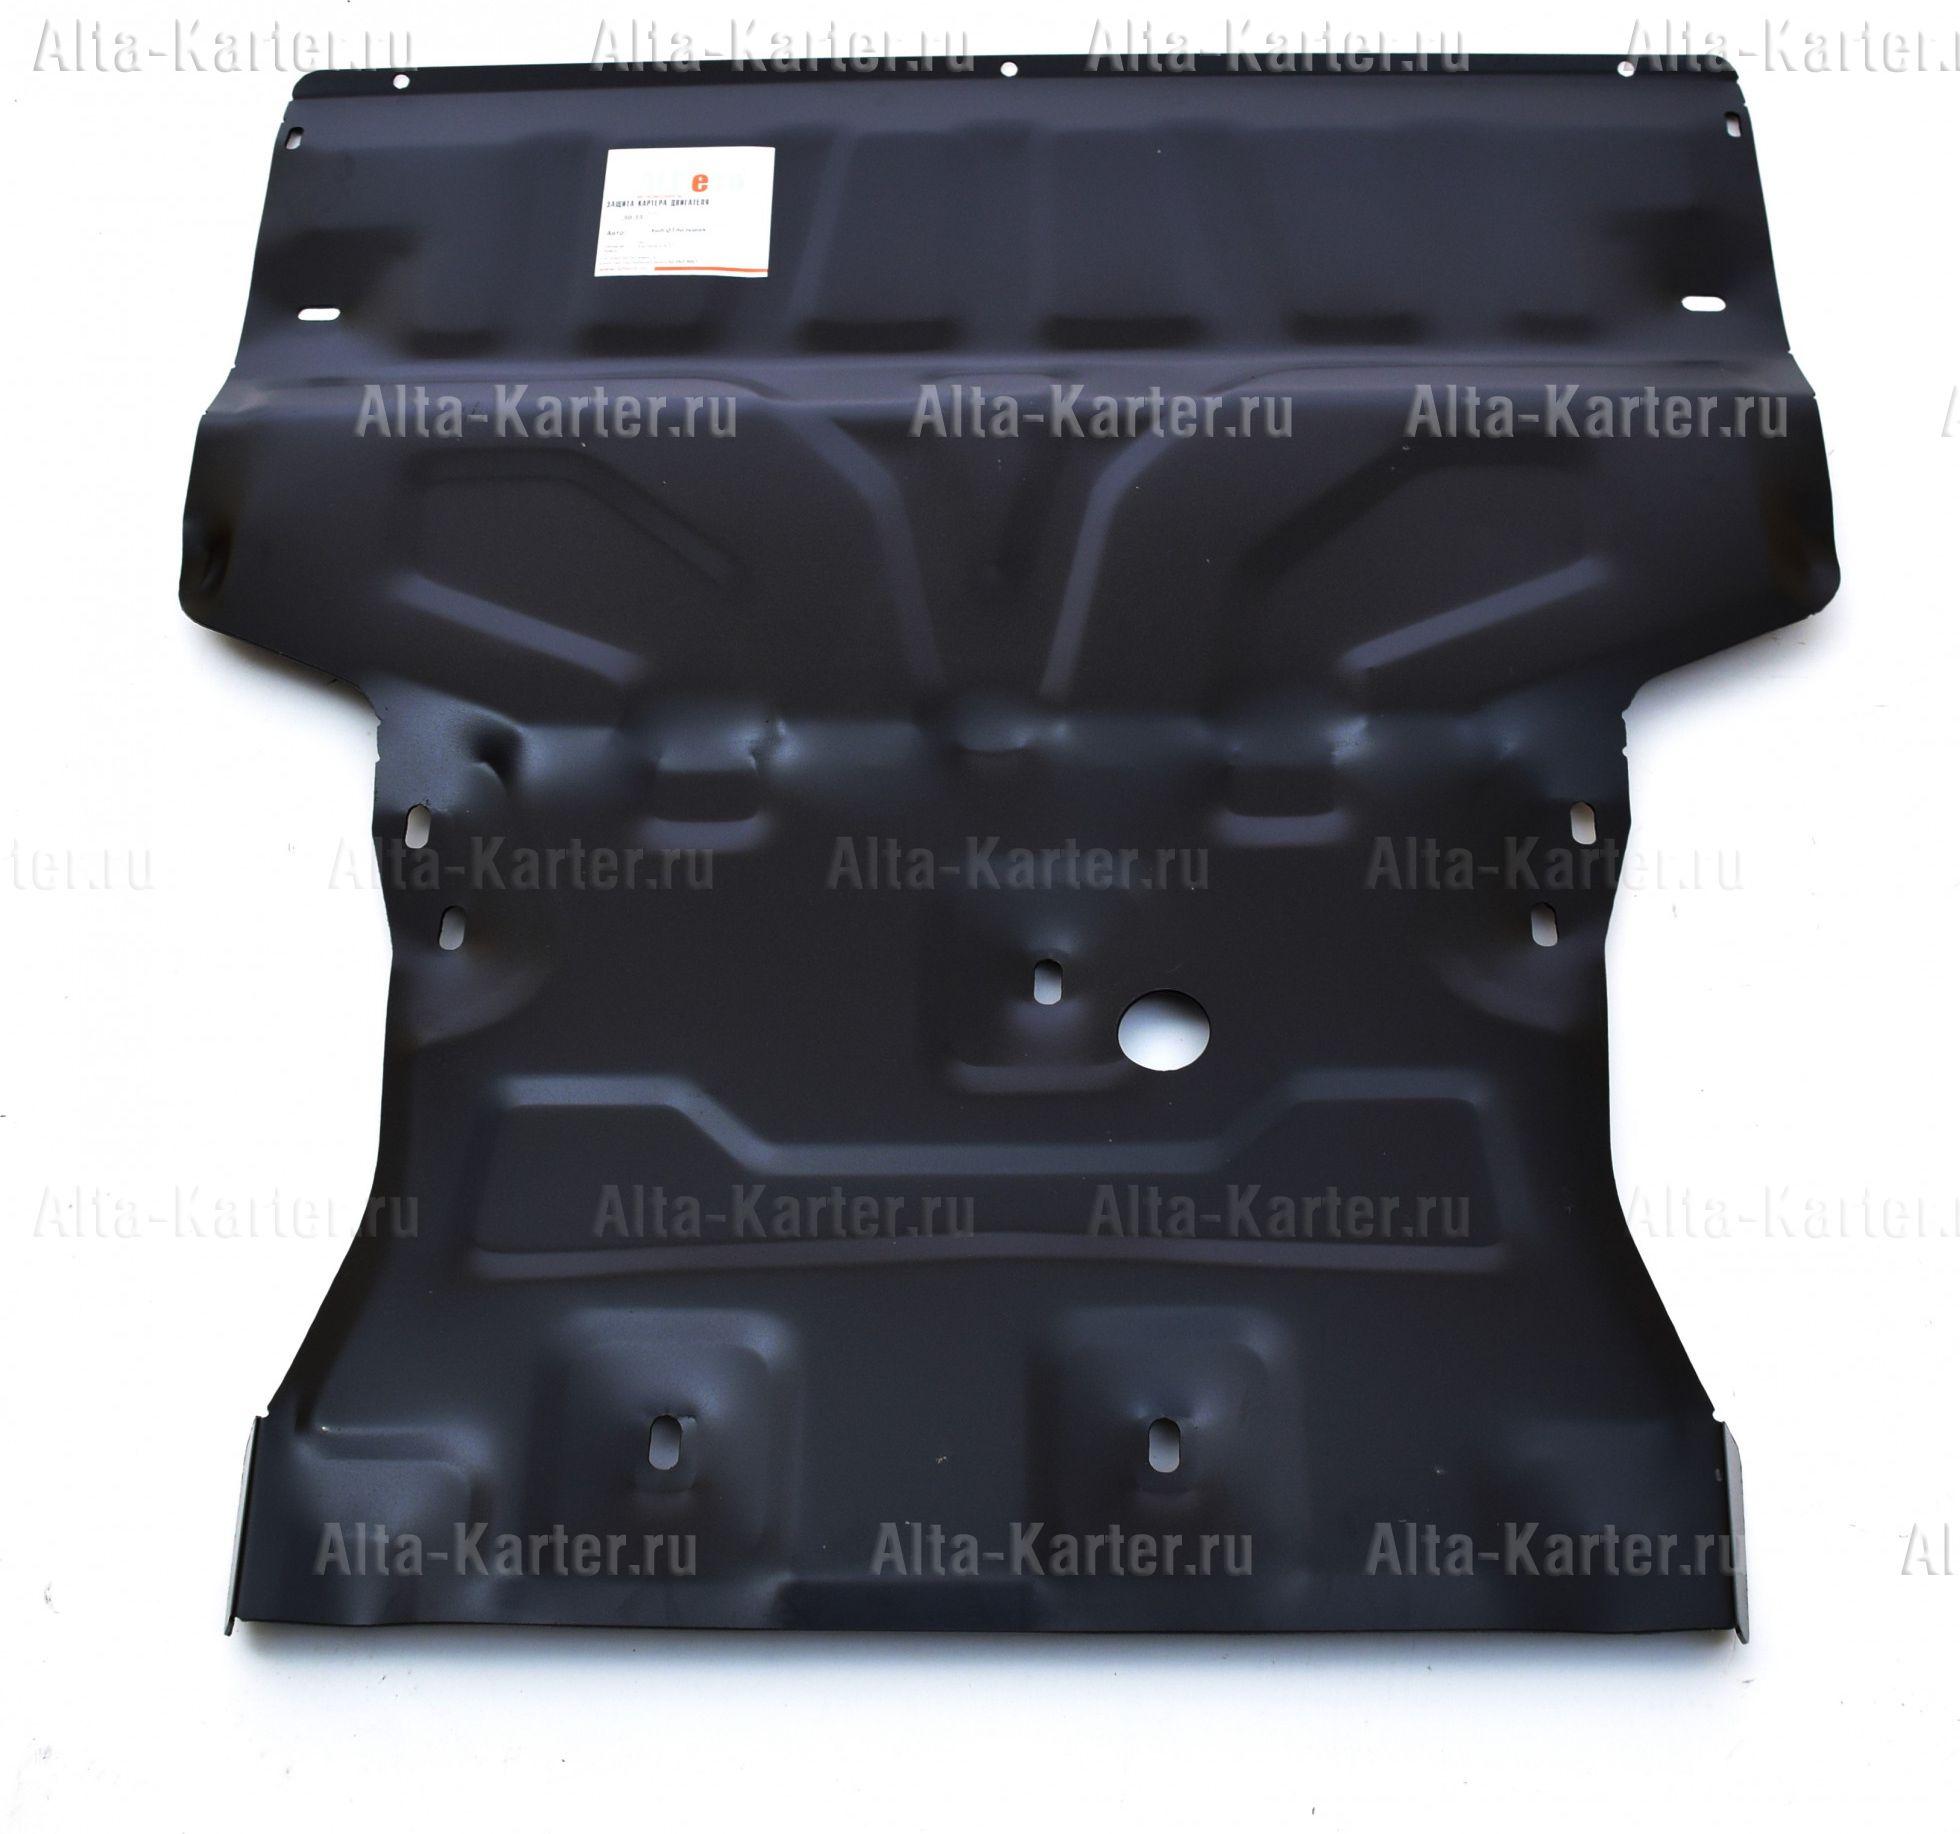 Защита Alfeco для картера и КПП (большая) Audi Q3 2011-2018. Артикул ALF.30.35